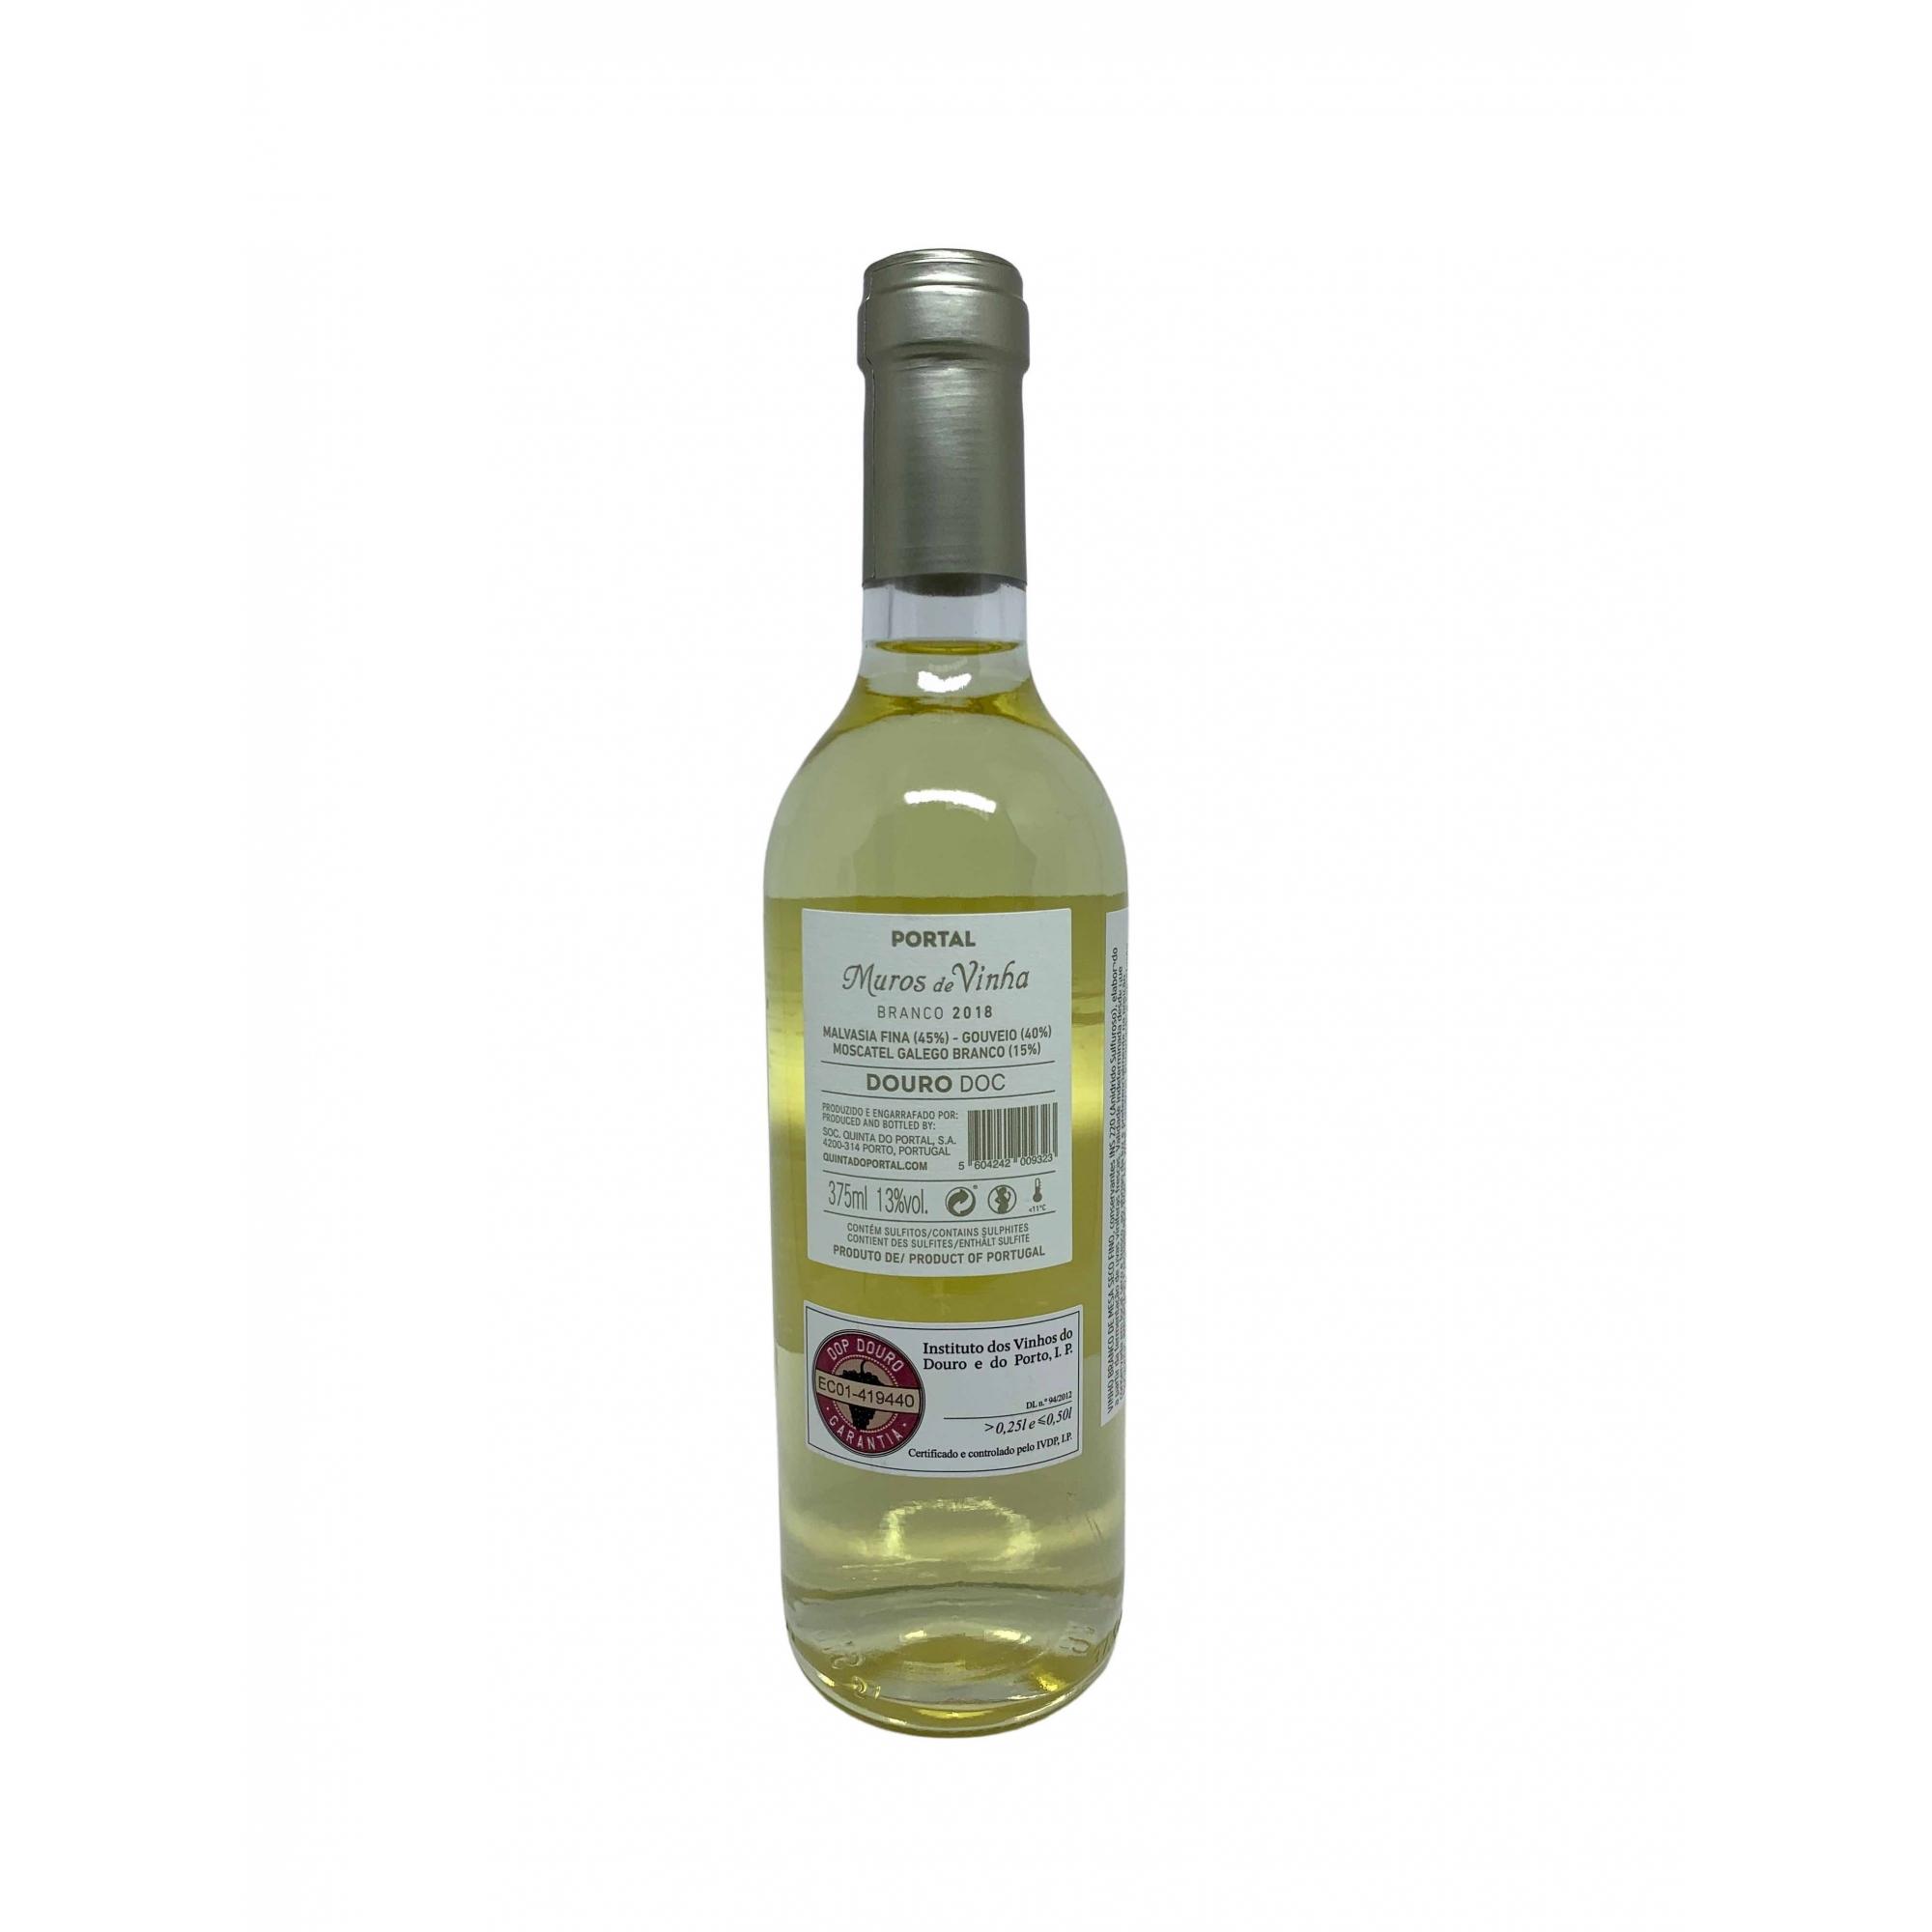 Vinho Branco Muros de Vinha 375mL  - ADEGA FARRET